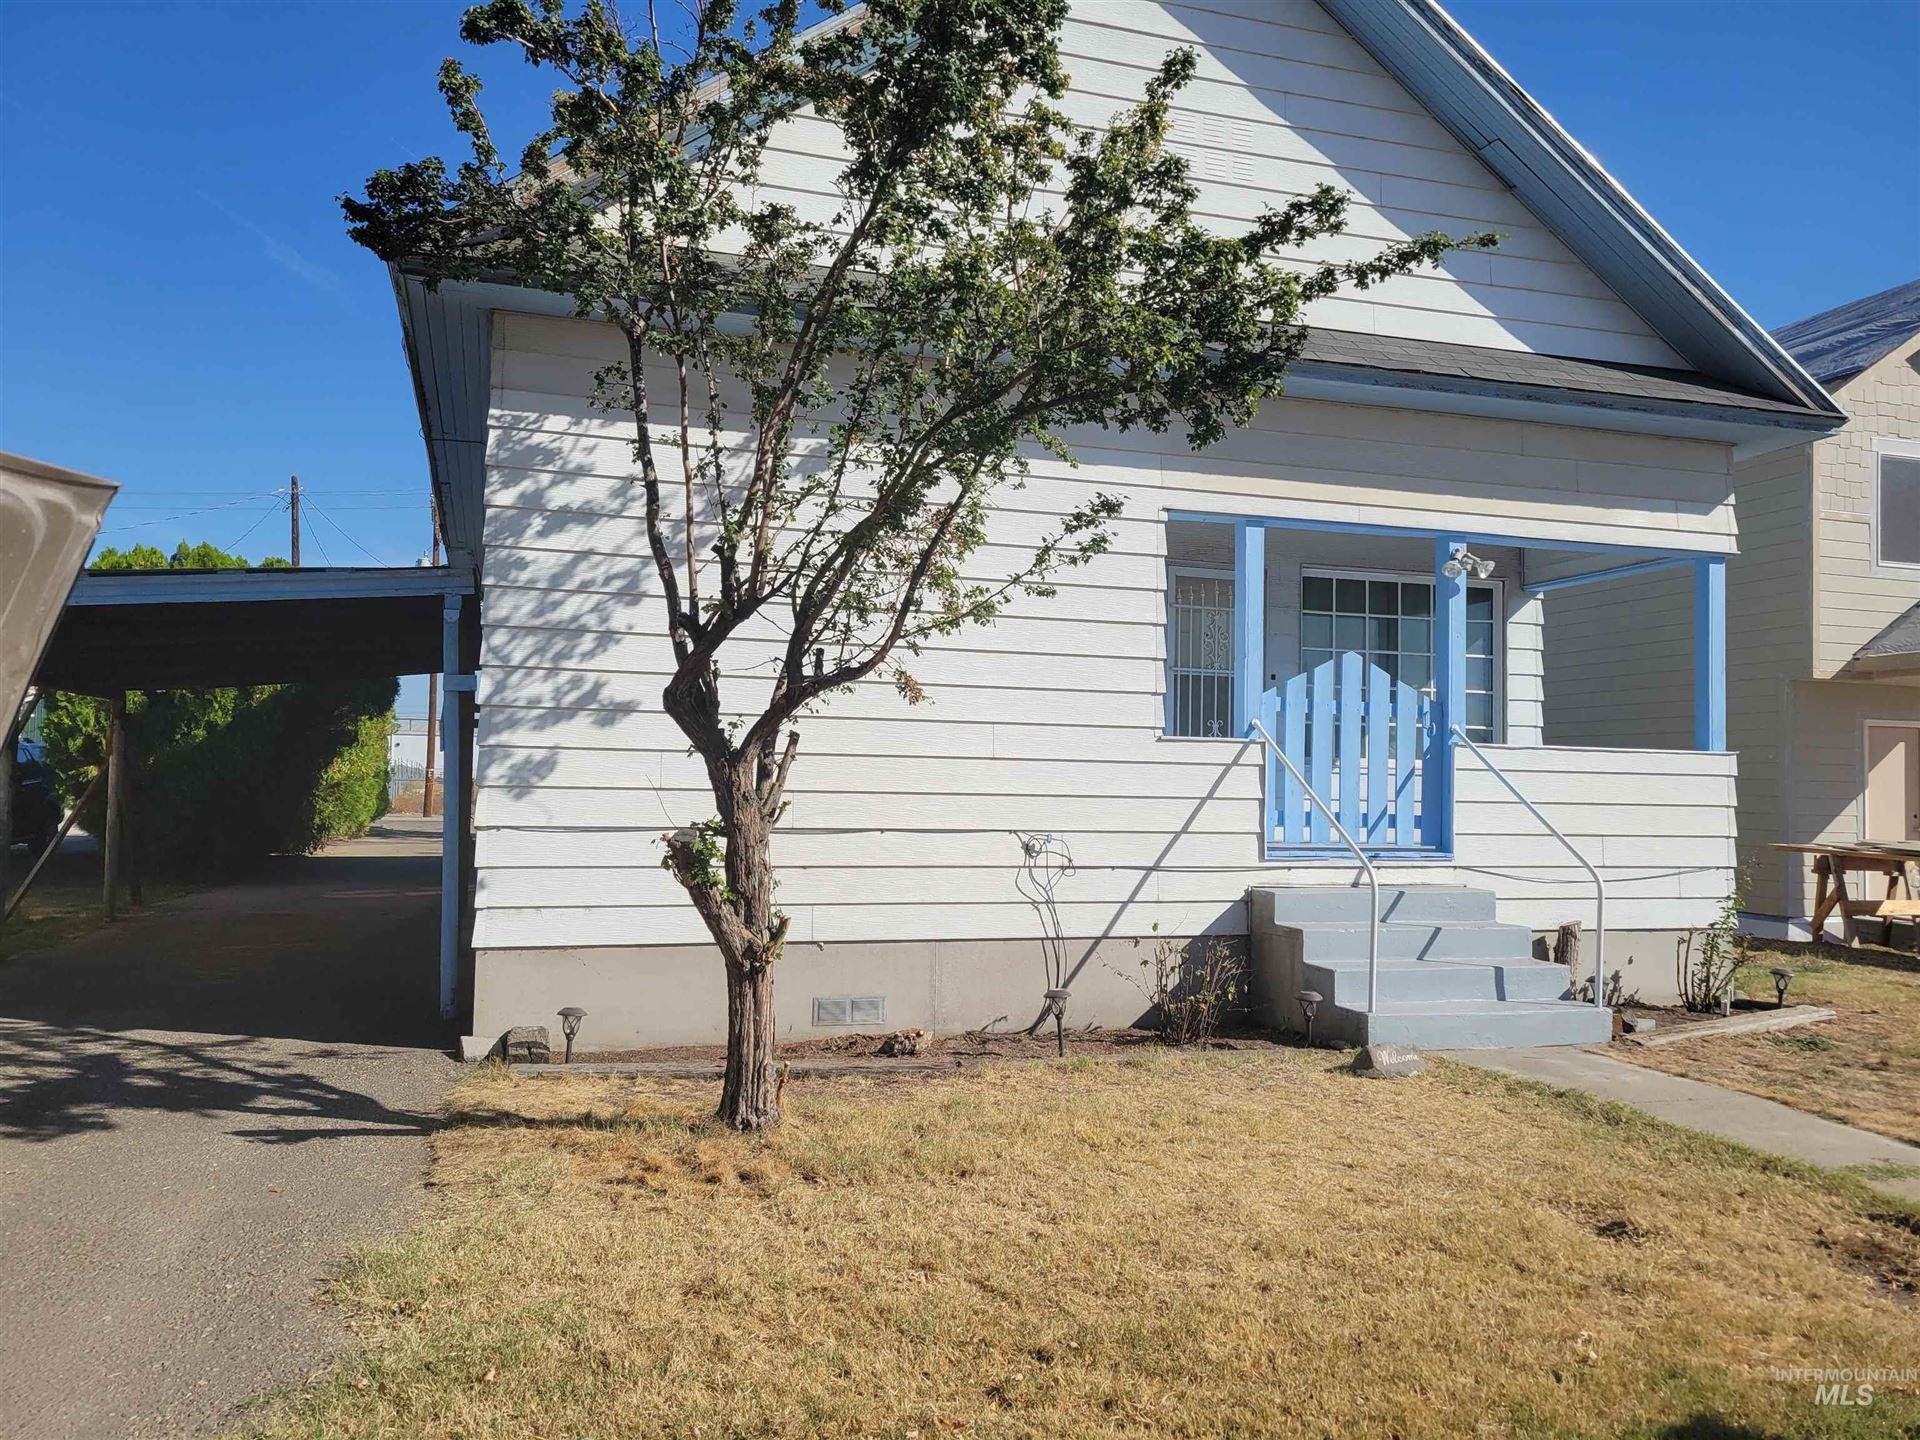 634 N Oregon, Ontario, OR 97914 - MLS#: 98820604